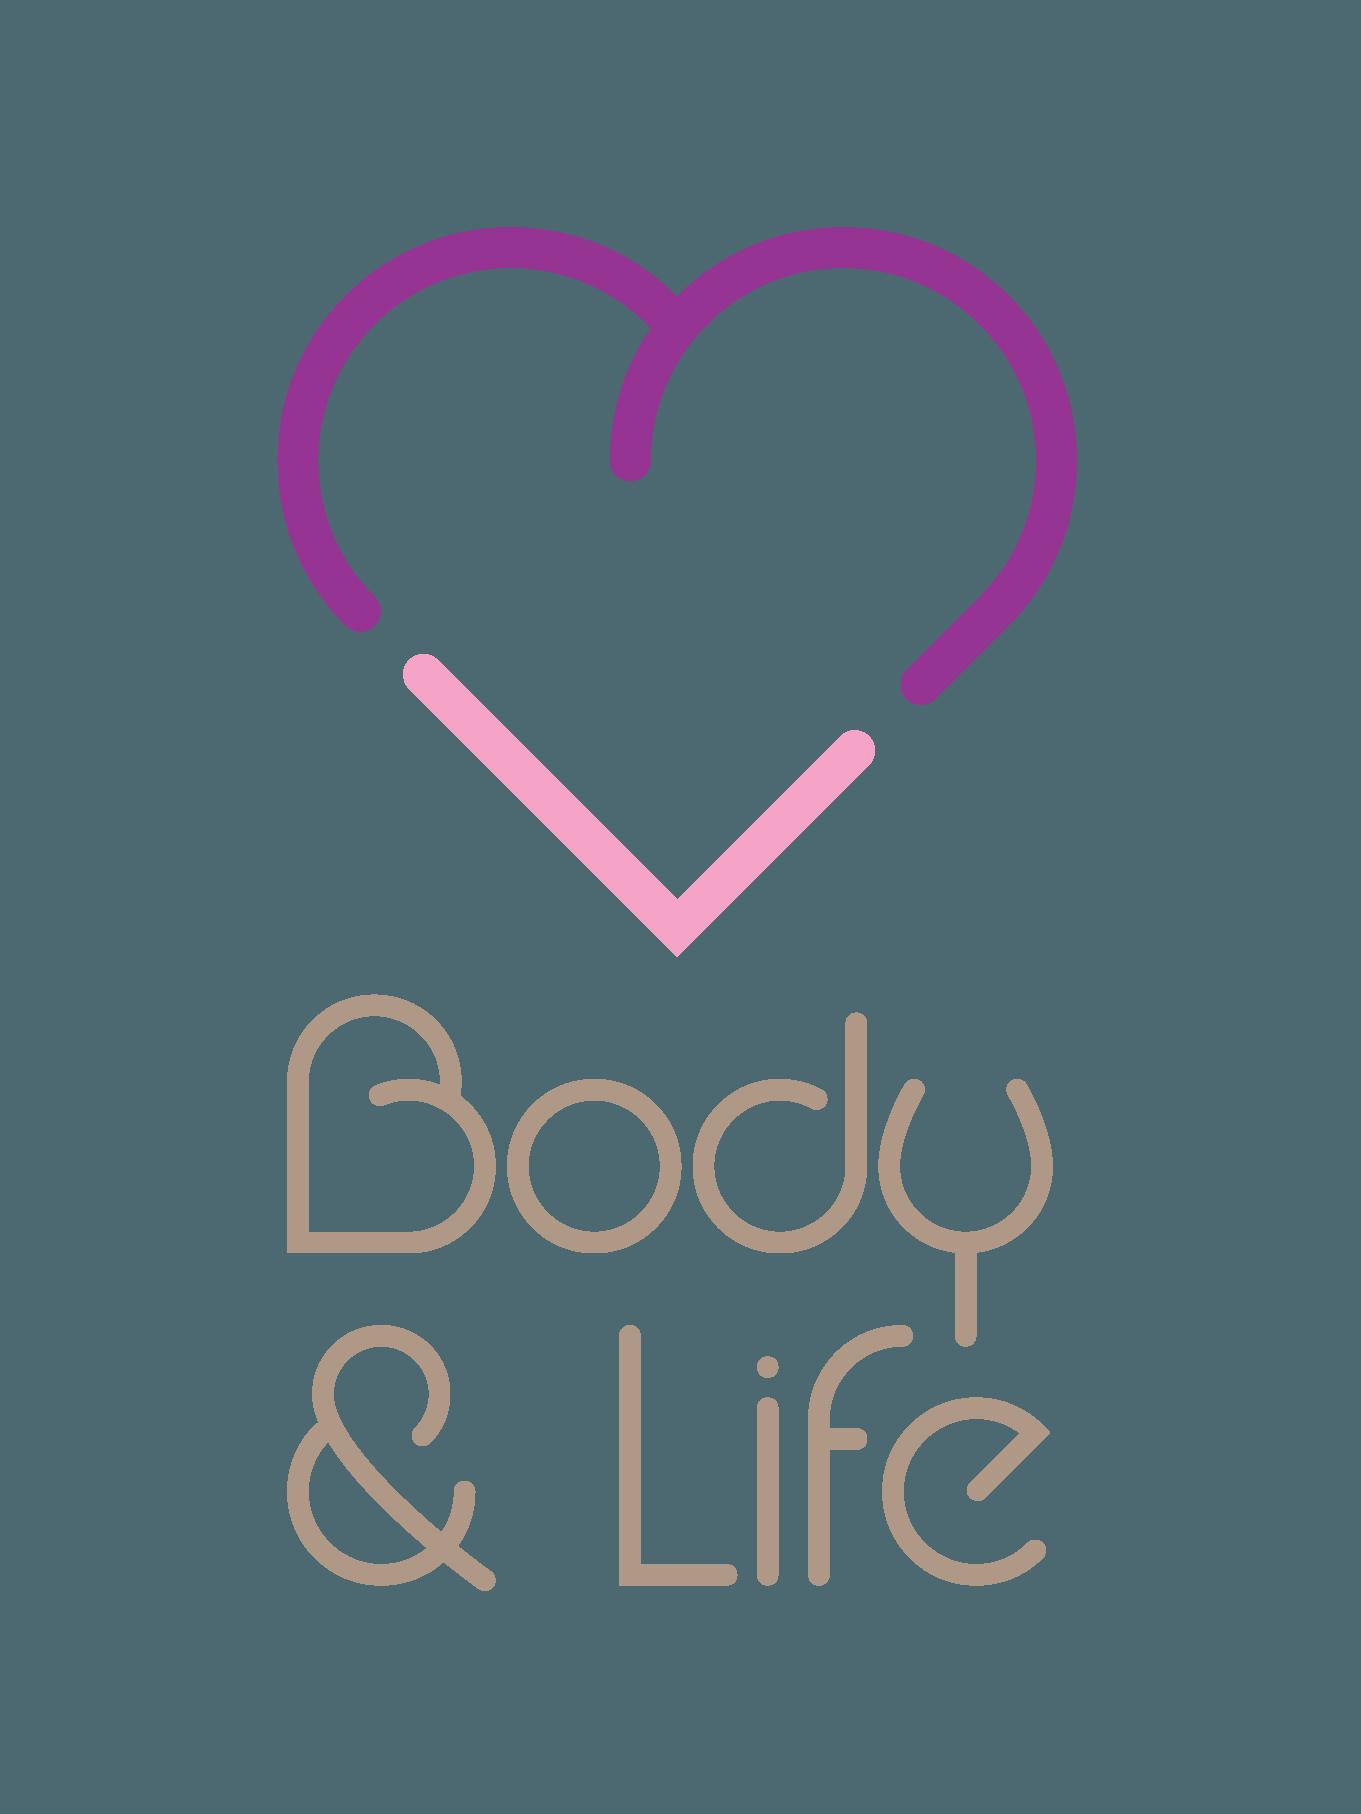 Body&Life - Testből kiinduló önfejlesztés